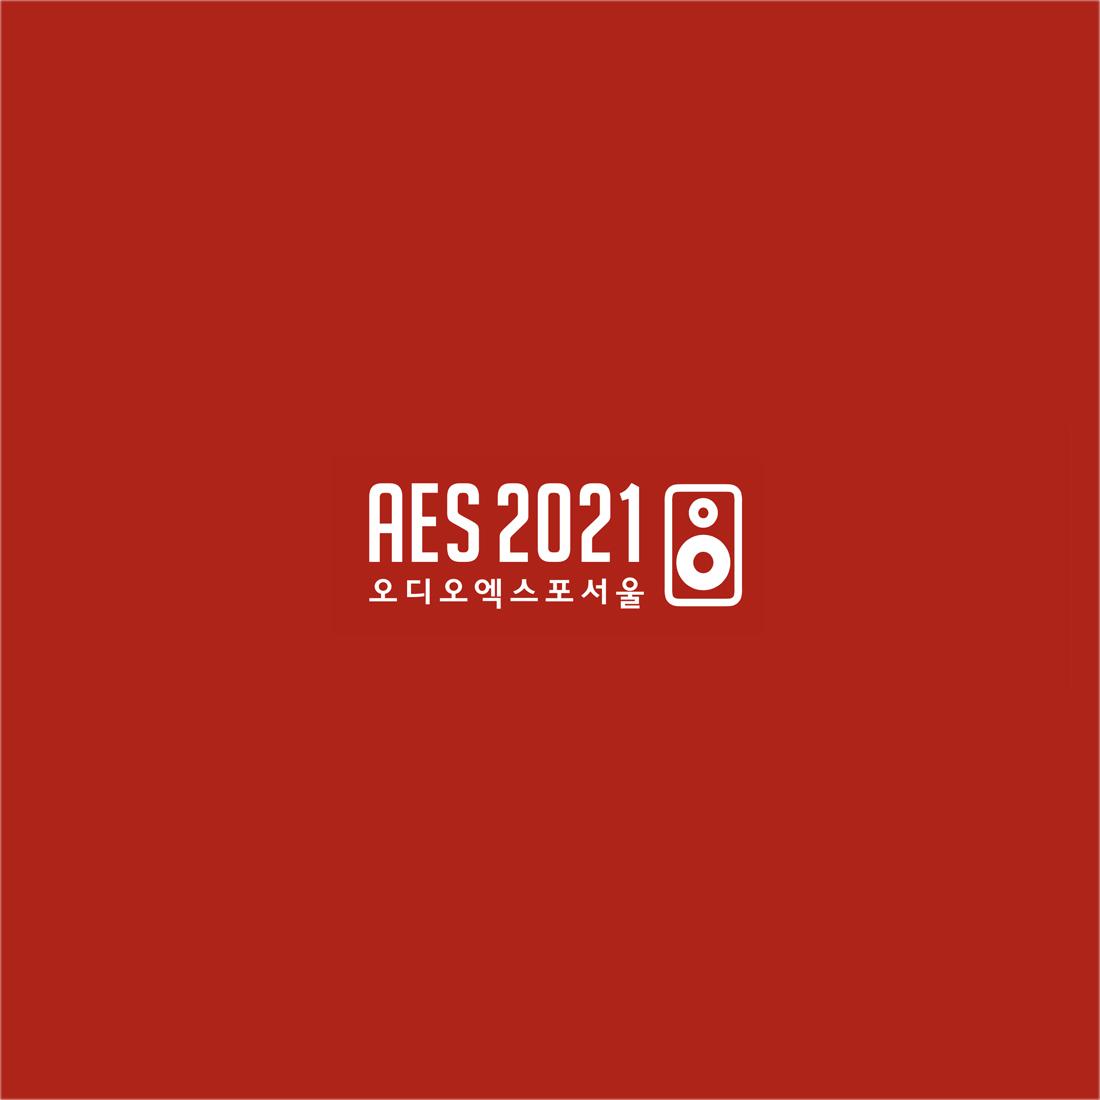 [일반] 뮤직러버를 위한 대한민국 대표 오디오축제, 오디오엑스포서울 2021이 개최